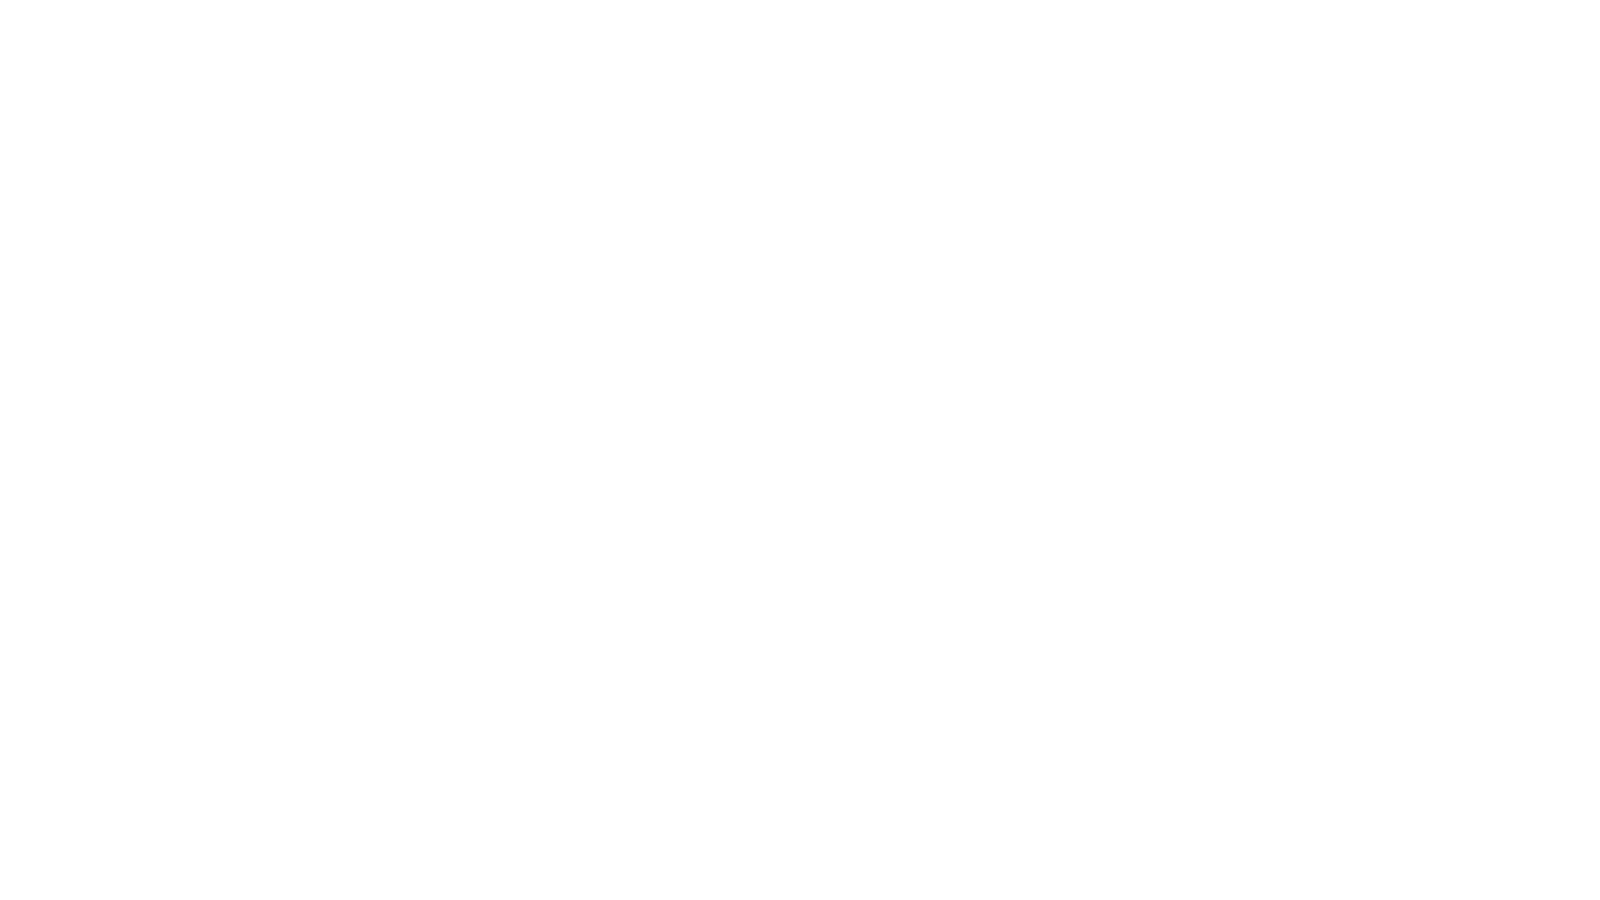 Para más vídeos, SUSCRÍBETE AQUÍ -► https://goo.gl/L6CqzI   En el vídeo de hoy traemos una rutina tren superior en casa 30 minutos para tonificar y adelgazar. Es un entrenamiento que podéis hacer sin material y en un espacio reducido, por lo que viene perfecto si aún seguís de cuarentena (o simplemente queréis entrenar en casa).  En esta rutina para tonificar tren superior 30 minutos realizaremos un total de 8 ejercicios de fuerza resistencia (utilizando el propio peso corporal), los cuales pondremos en práctica utilizando la metodología HIIT, es decir, para cada ejercicio efectuaremos 30 segundos de trabajo seguidos de 20 segundos de recuperación. Realizaremos un total de 4 series o rondas (descanso de 1-2 minutos entre rondas).  Todos los ejercicios que componen este cardio hiit para tren superior 30 minutos se pueden previsualizar durante la reproducción del propio vídeo.  Nos encontramos ante un trabajo excelente para perder grasa gracias a la aceleración que esta rutina de cardio para tonificar tren superior 30 minutos produce en nuestro metabolismo, haciendo que quememos más calorías no solo durante el entreno, sino también durante varias horas después del mismo. Así, si te preguntas cómo adelgazar rápidamente, con esta rutina cardio hiit tren superior 30 minutos para tonificar y quemar grasa estarás en el camino correcto.  De este modo, si eres de l@s que no tiene tiempo para entrenar y tu objetivo es quemar grasa rápido y mantener una adecuada tonificación en tus músculos, prueba esta rutina hiit torso. No existen excusas para no invertir tan sólo 30 minutos. Además puedes hacerlo en casa, ya que no necesitas material ni máquinas. Puedes hacer esta rutina para tonificar y adelgazar rápido de 3 a 4 veces por semana. Si eres capaz, incluso, puedes añadir más series o rondas, de modo que realices un entreno más largo, con lo que gastarás aún más calorías.  Del mismo modo, esta rutina hiit tren superior 30 minutos también nos ayudará a aumentar masa muscular (hi